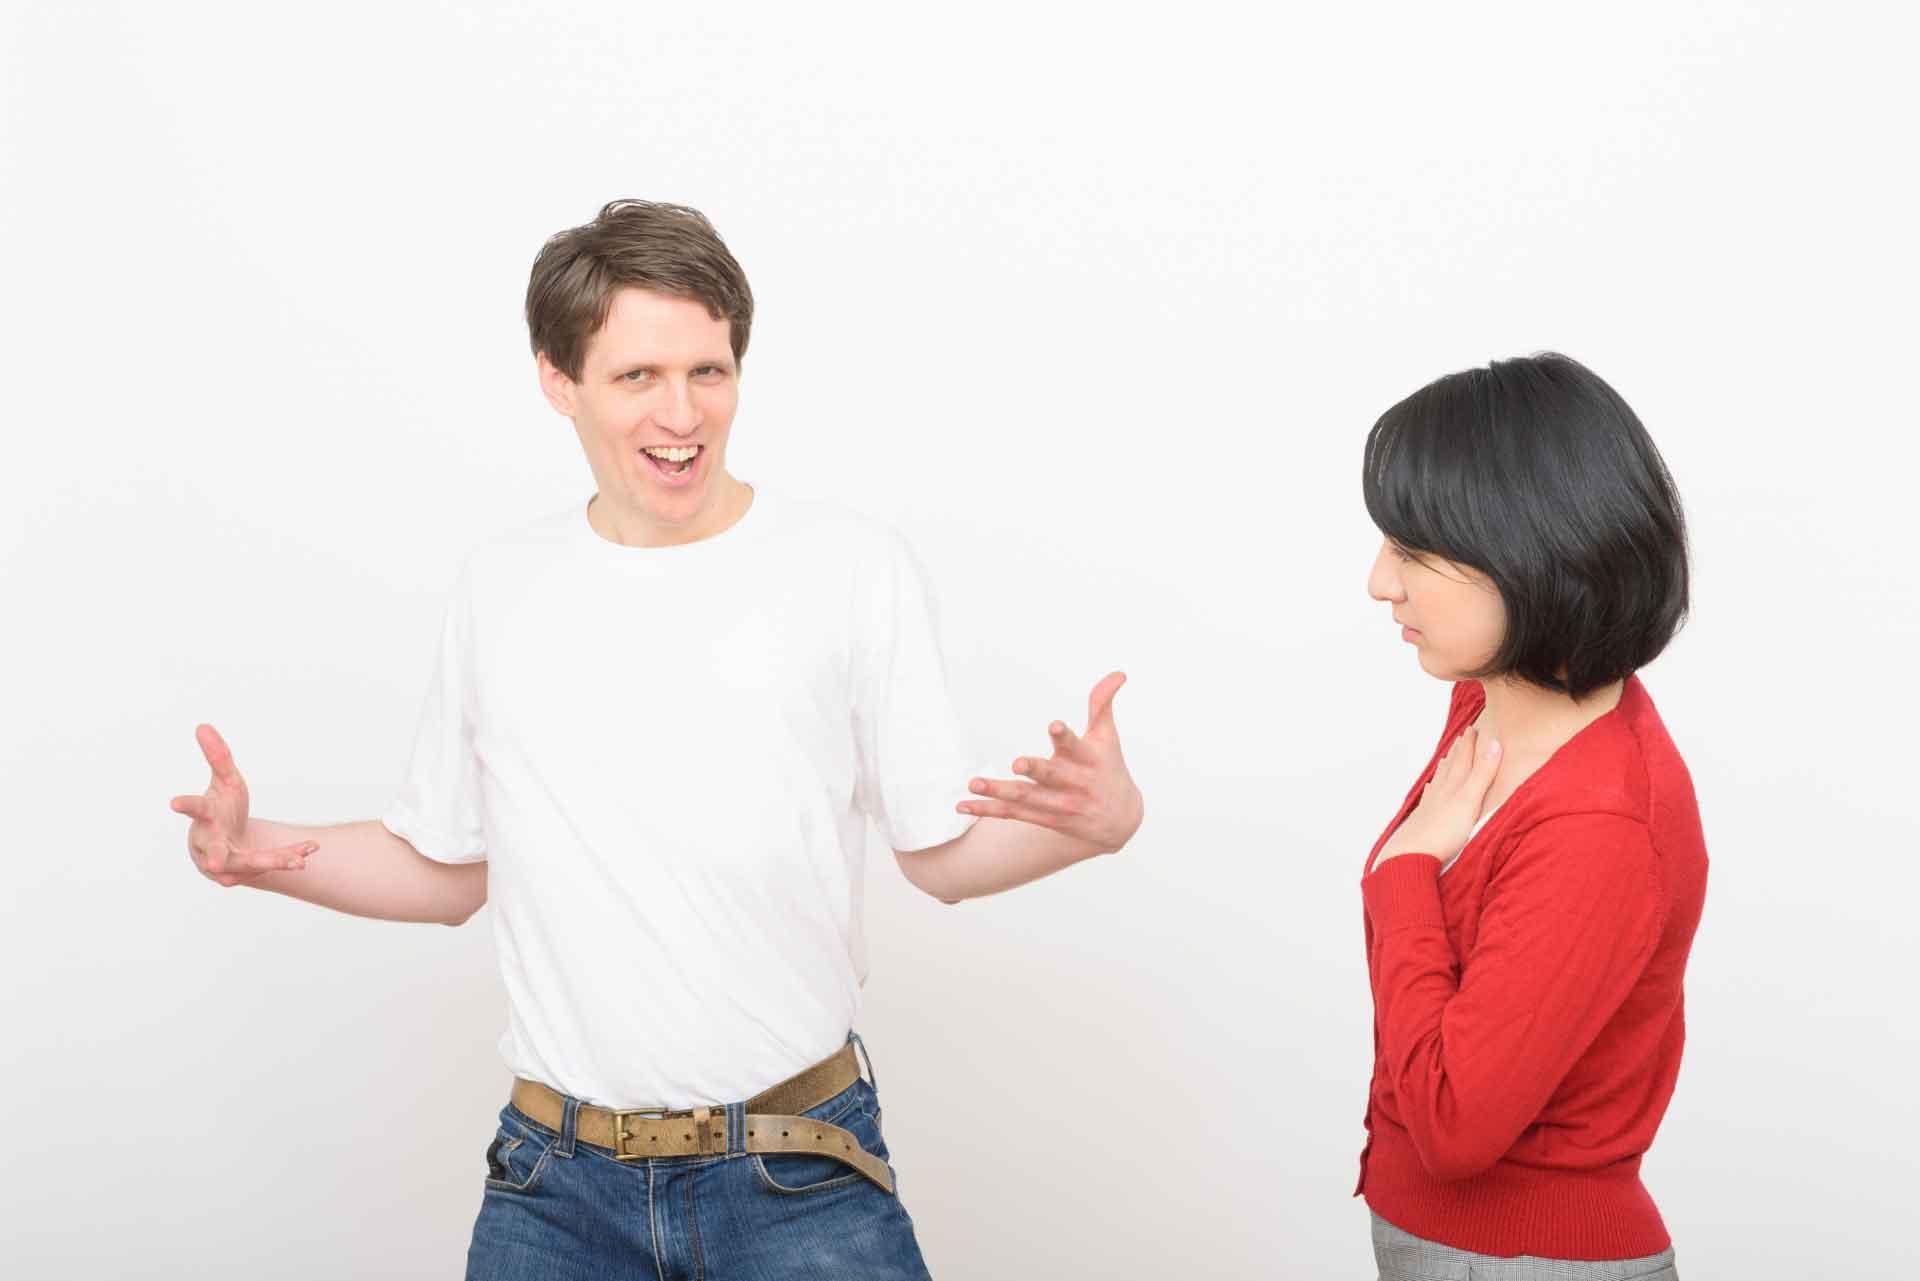 手を広げドヤっている外国人男性を冷ややかに見つめる女性